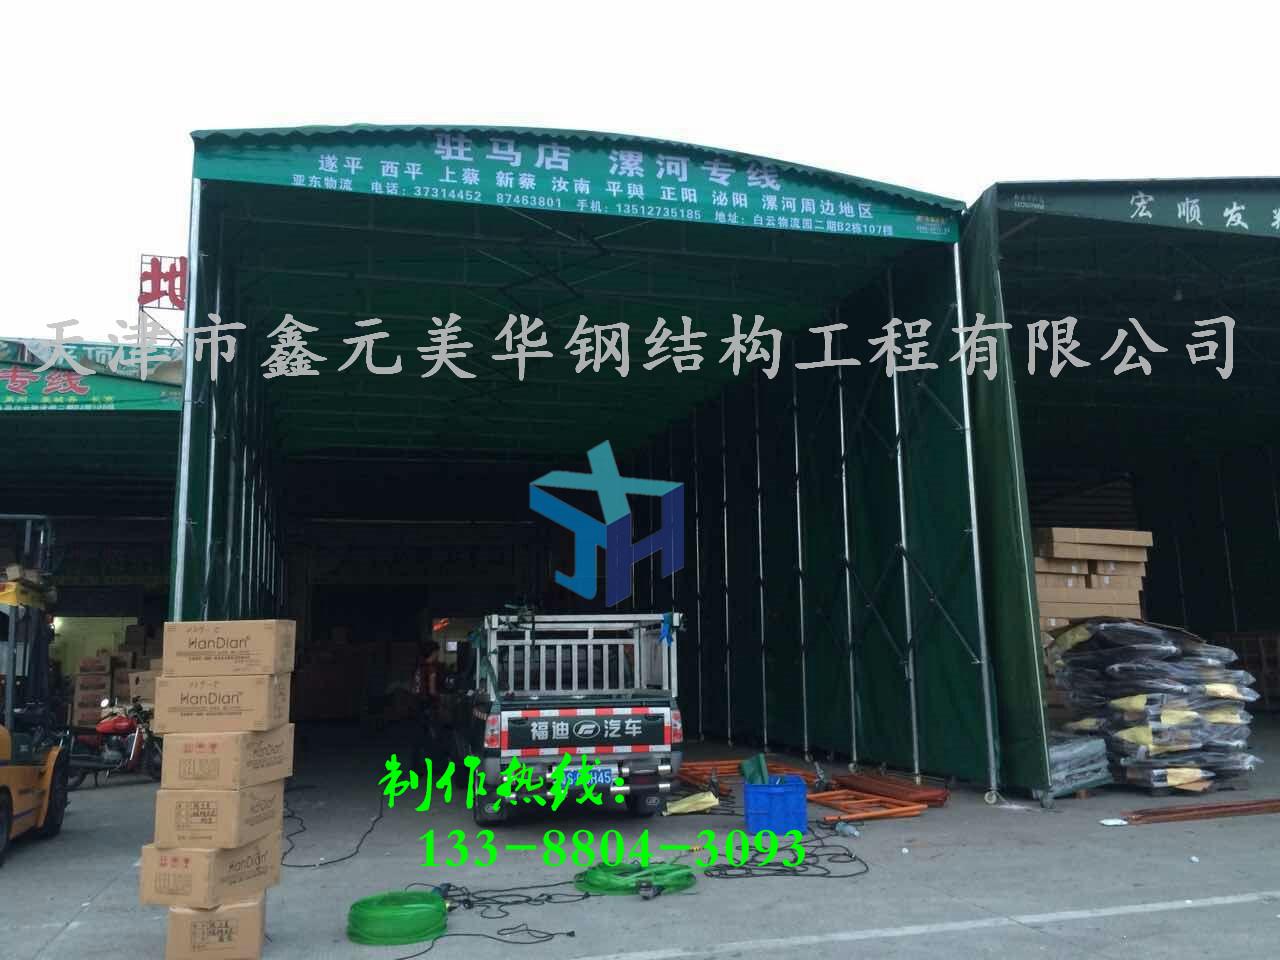 天津鑫元美华钢构造工程有限公司